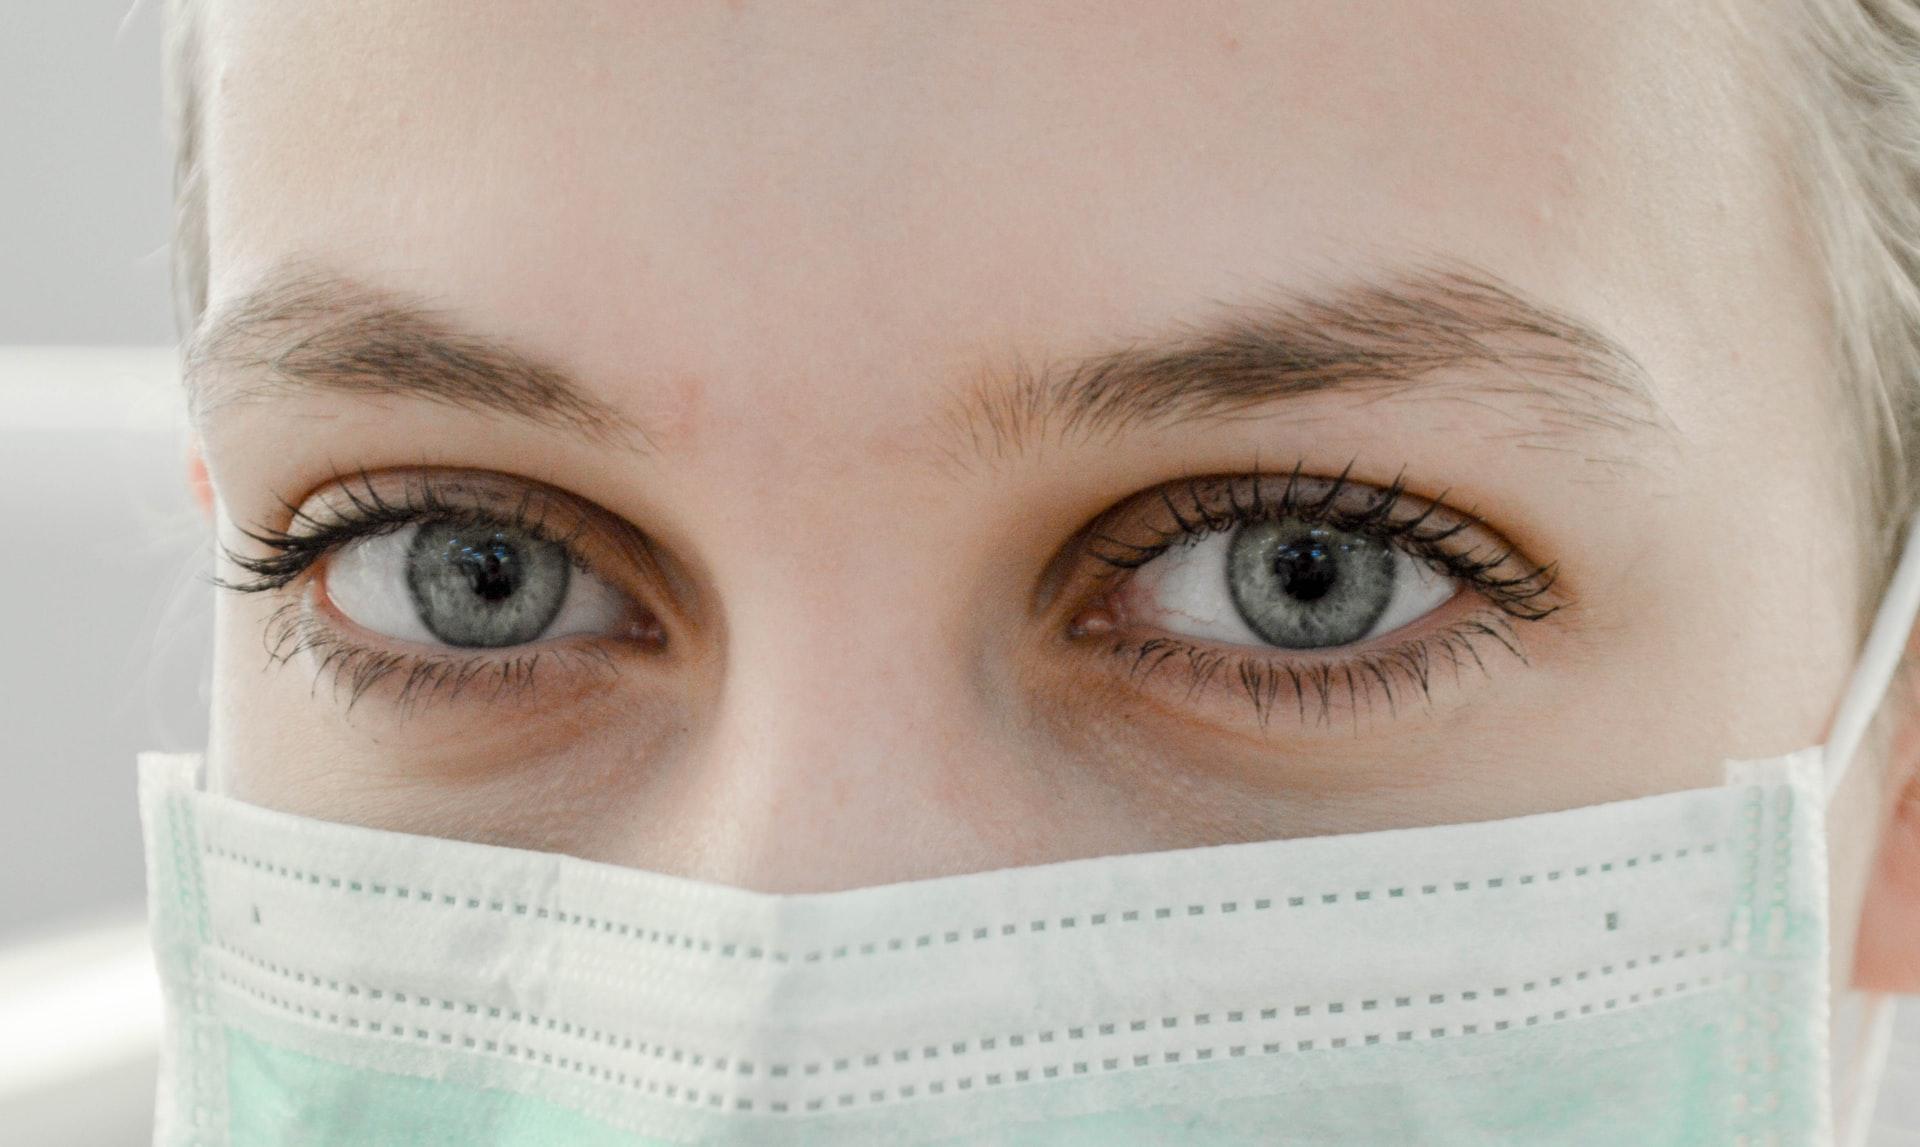 Jak zakładać maskę chirurgiczną?